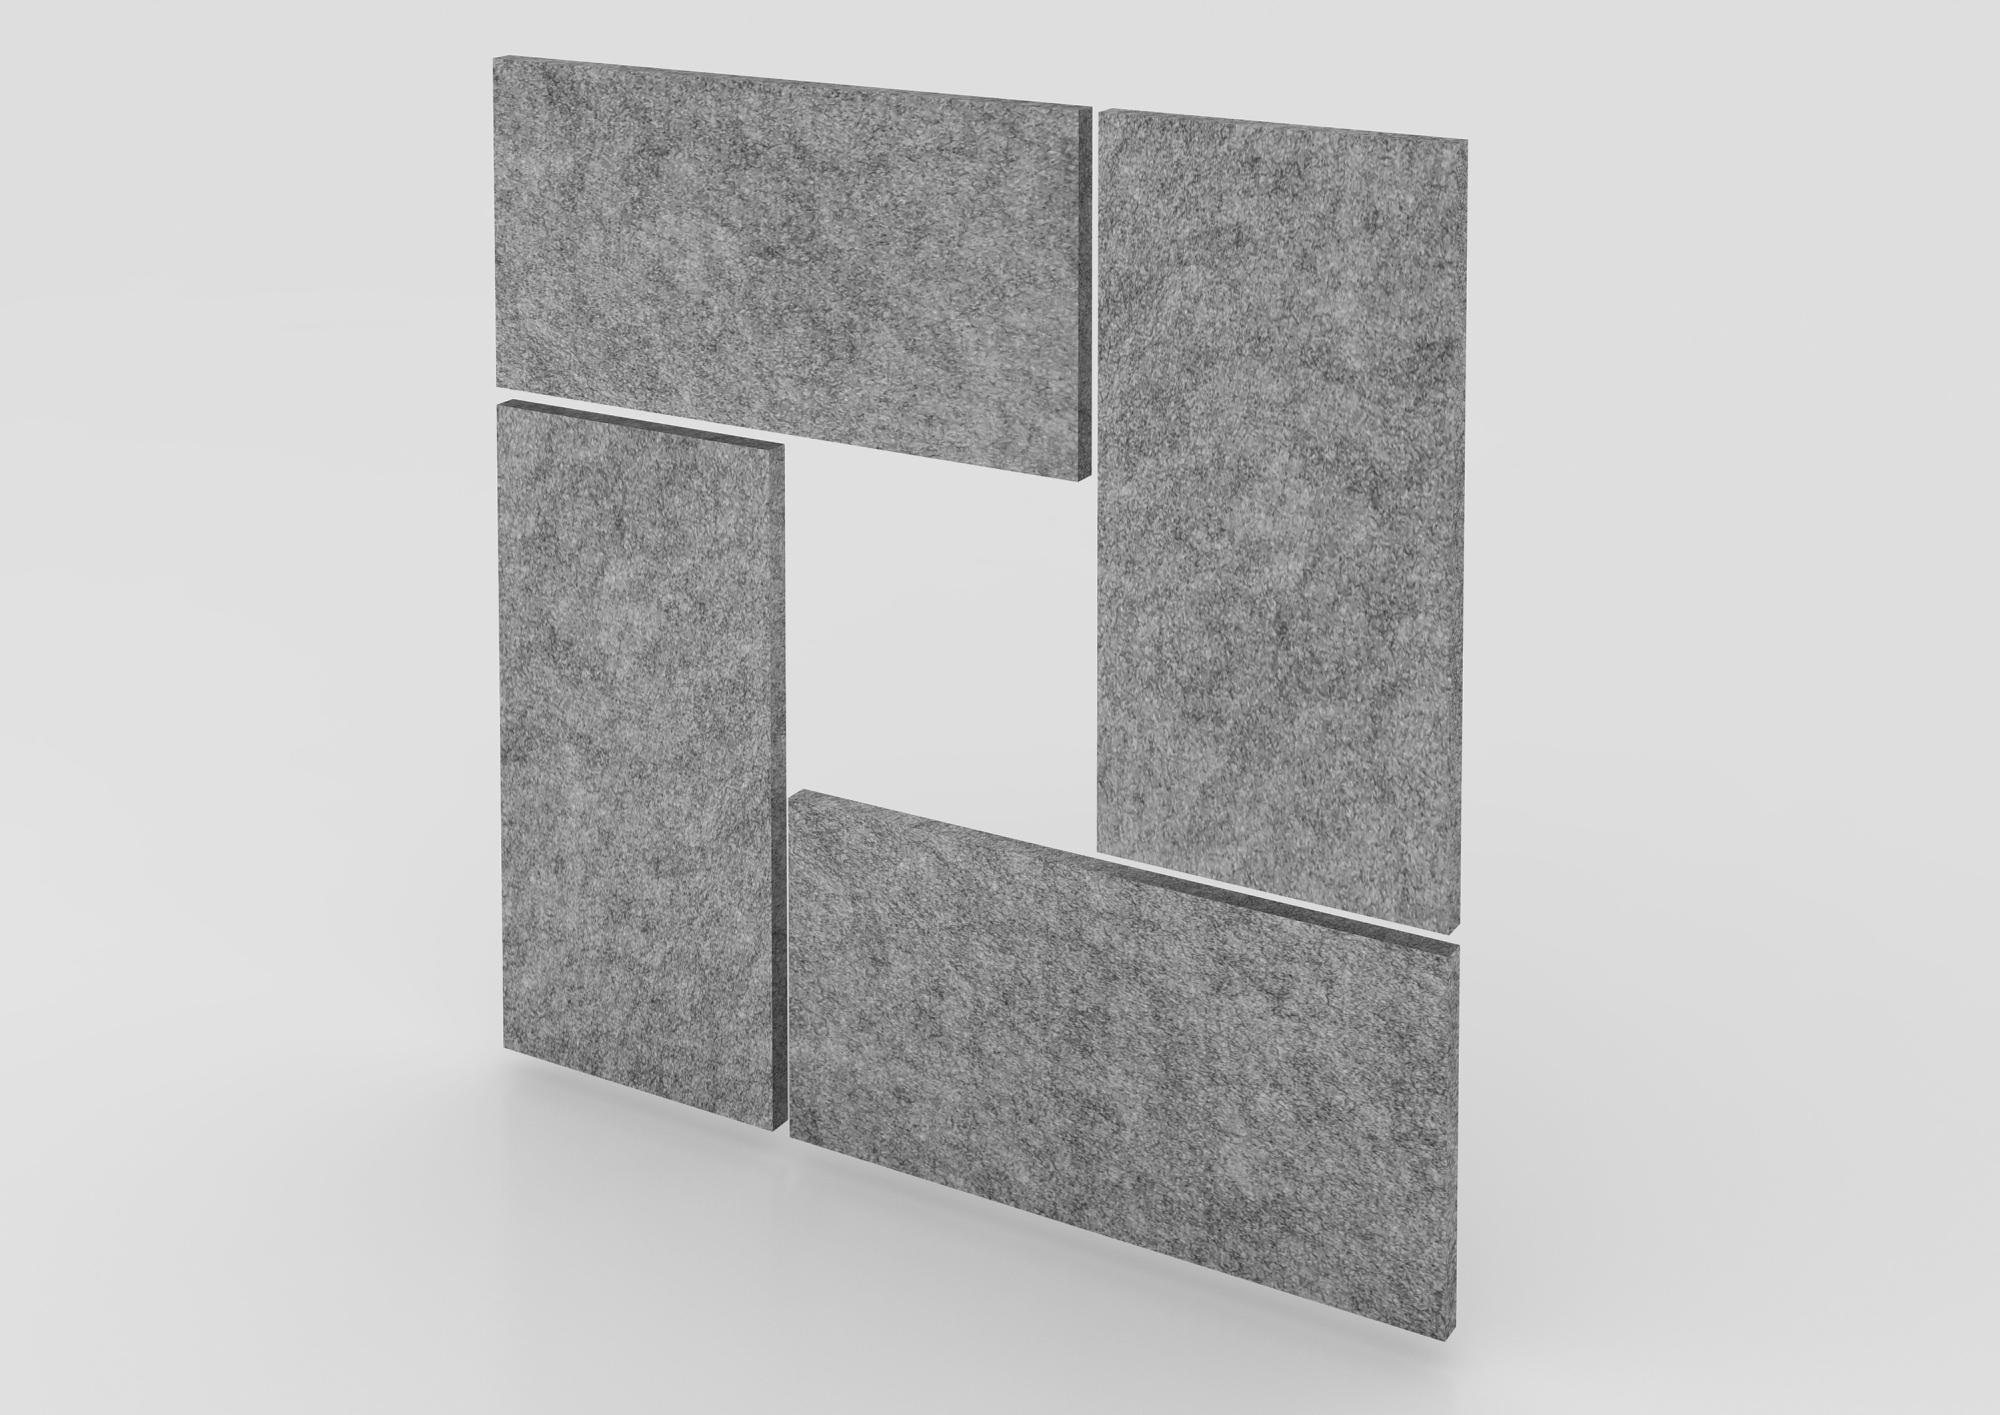 Akustik-Wandpanel 4 St. 65x33 cm, grau-mel.